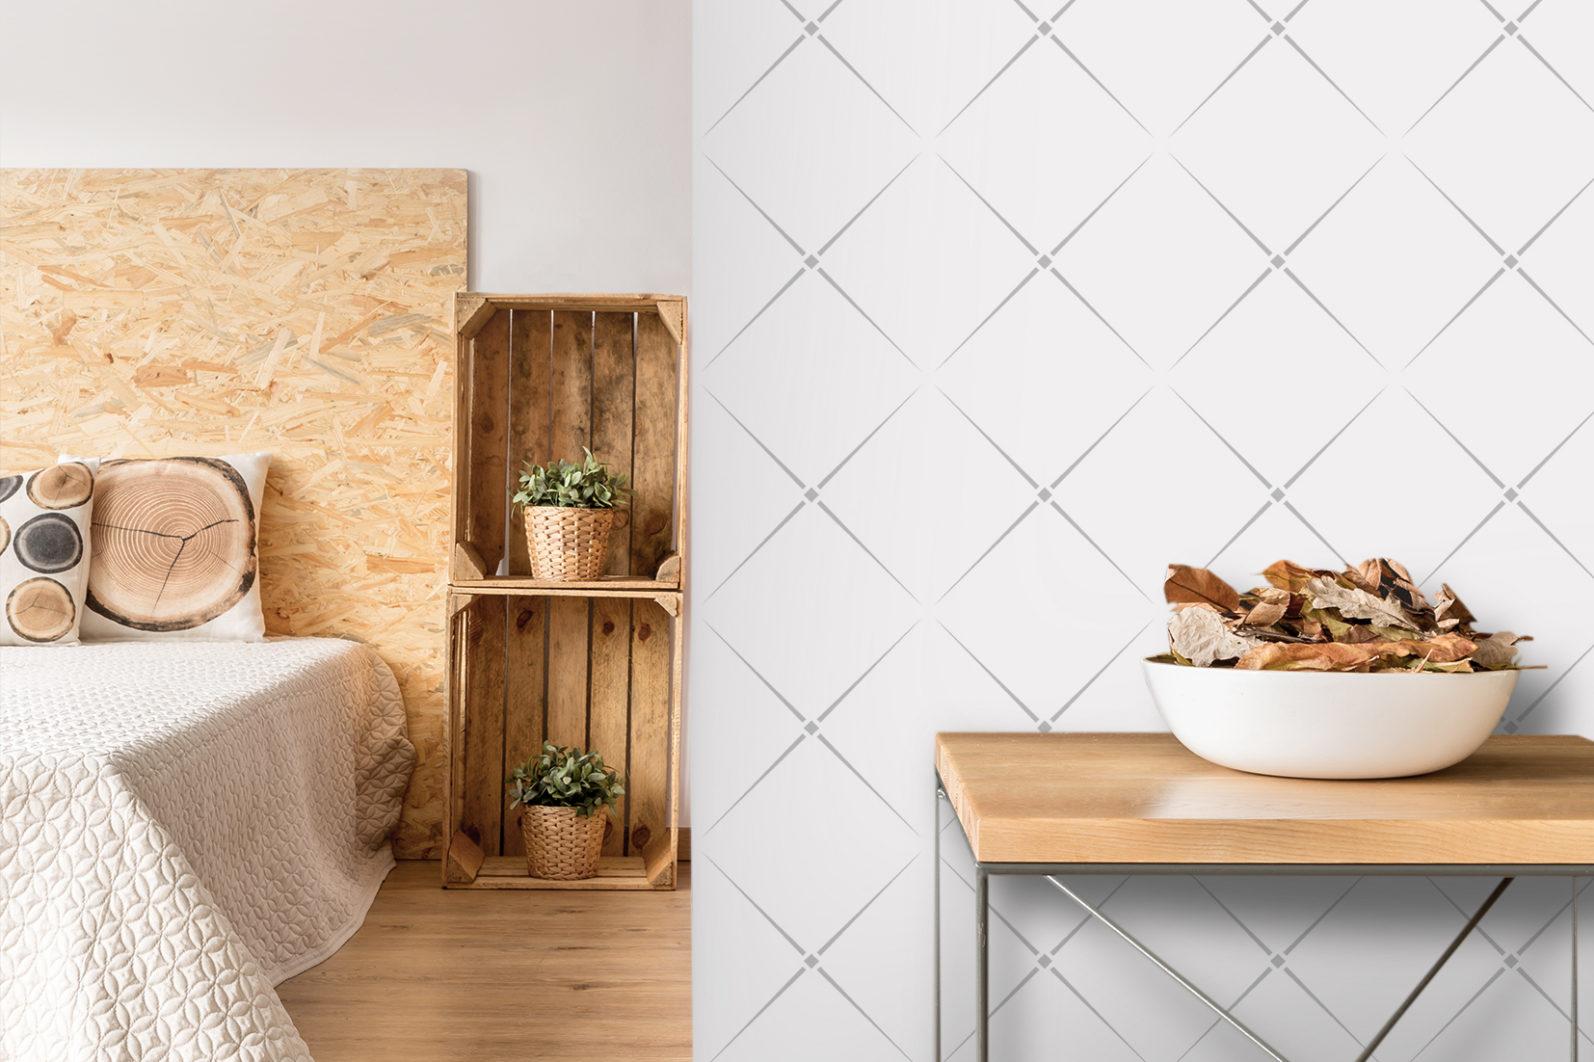 Wall Mockup #33, Wallpaper mockup, Interior mockup, Living Room interior mockup - Wall 33 PREVIEW 3 -